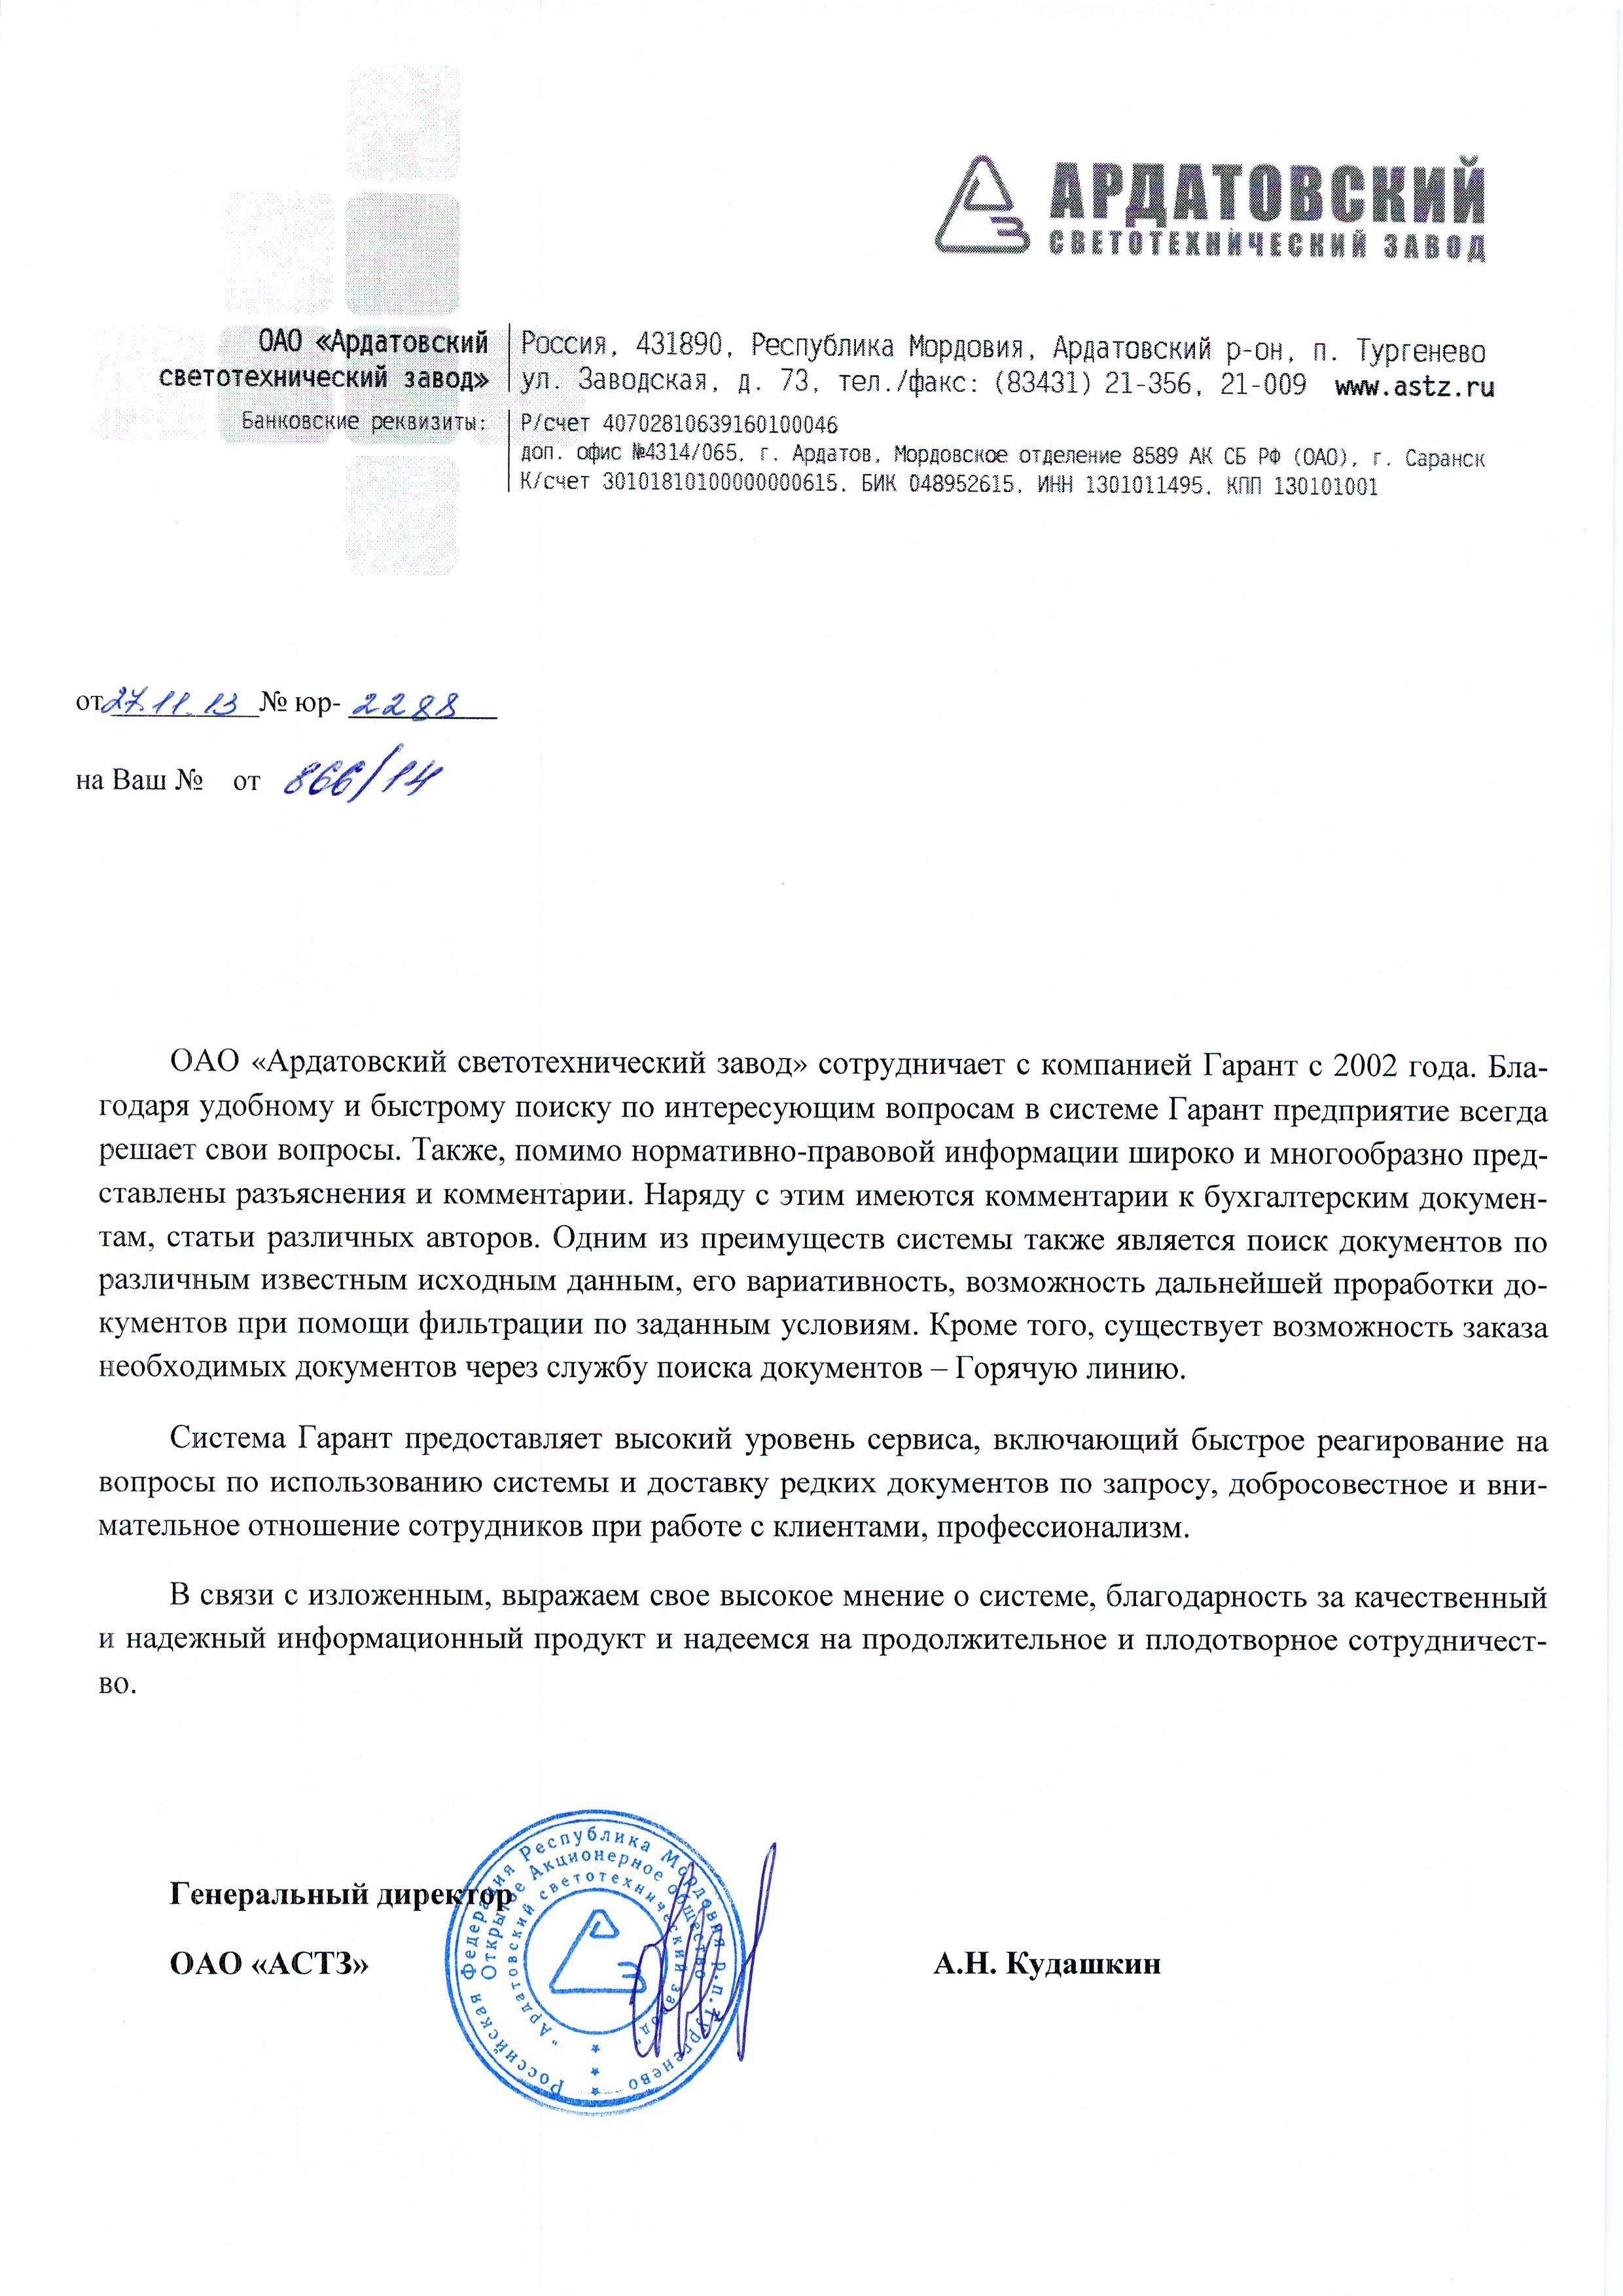 АСЗ_27.11.13